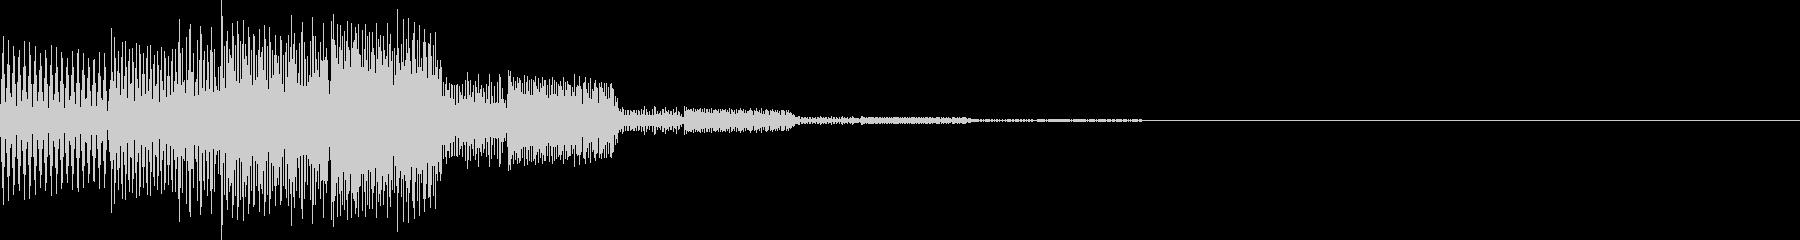 ピロロン(決定、アイテム選択)の未再生の波形